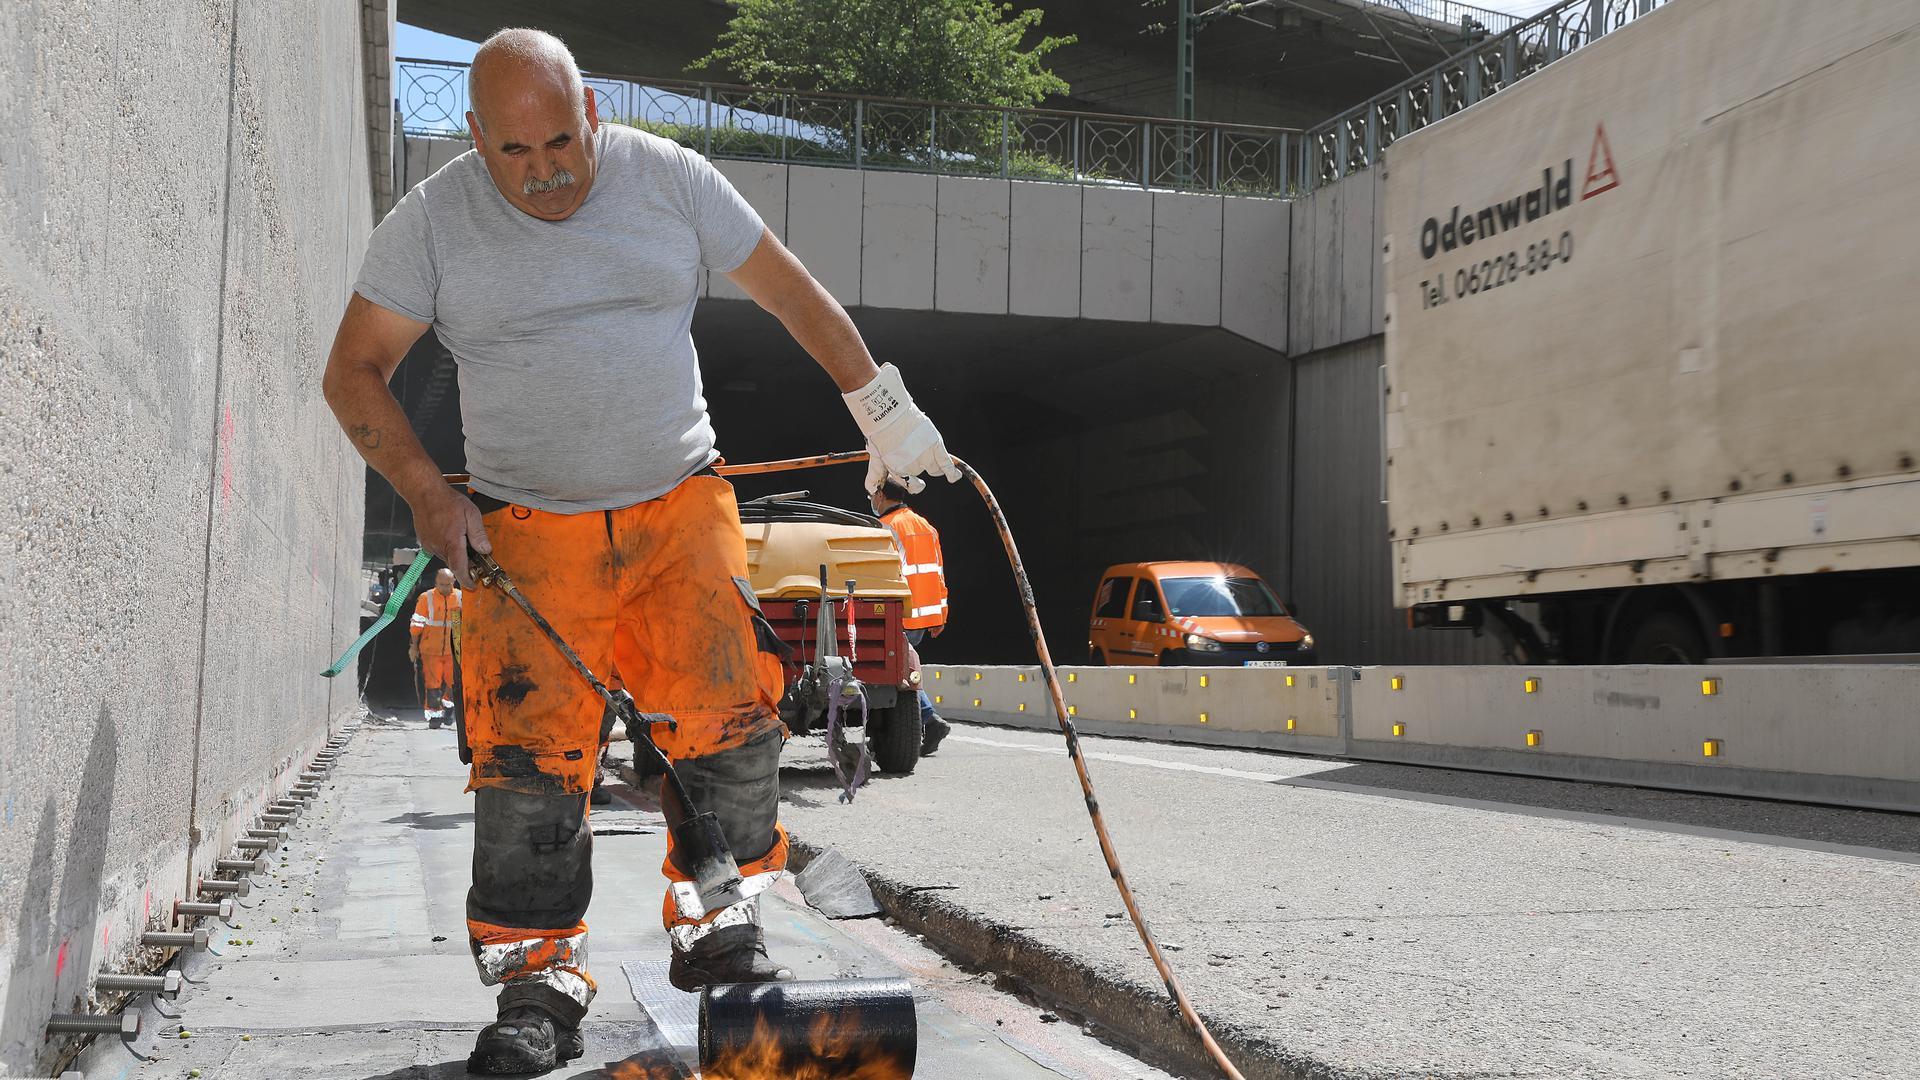 Sanierung: Dichtungsarbeiten an der Grundwasserwanne beim Edeltrudtunnel führt Amaro Dias aus. Das Bauwerk wird fit gemacht für die Zukunft.